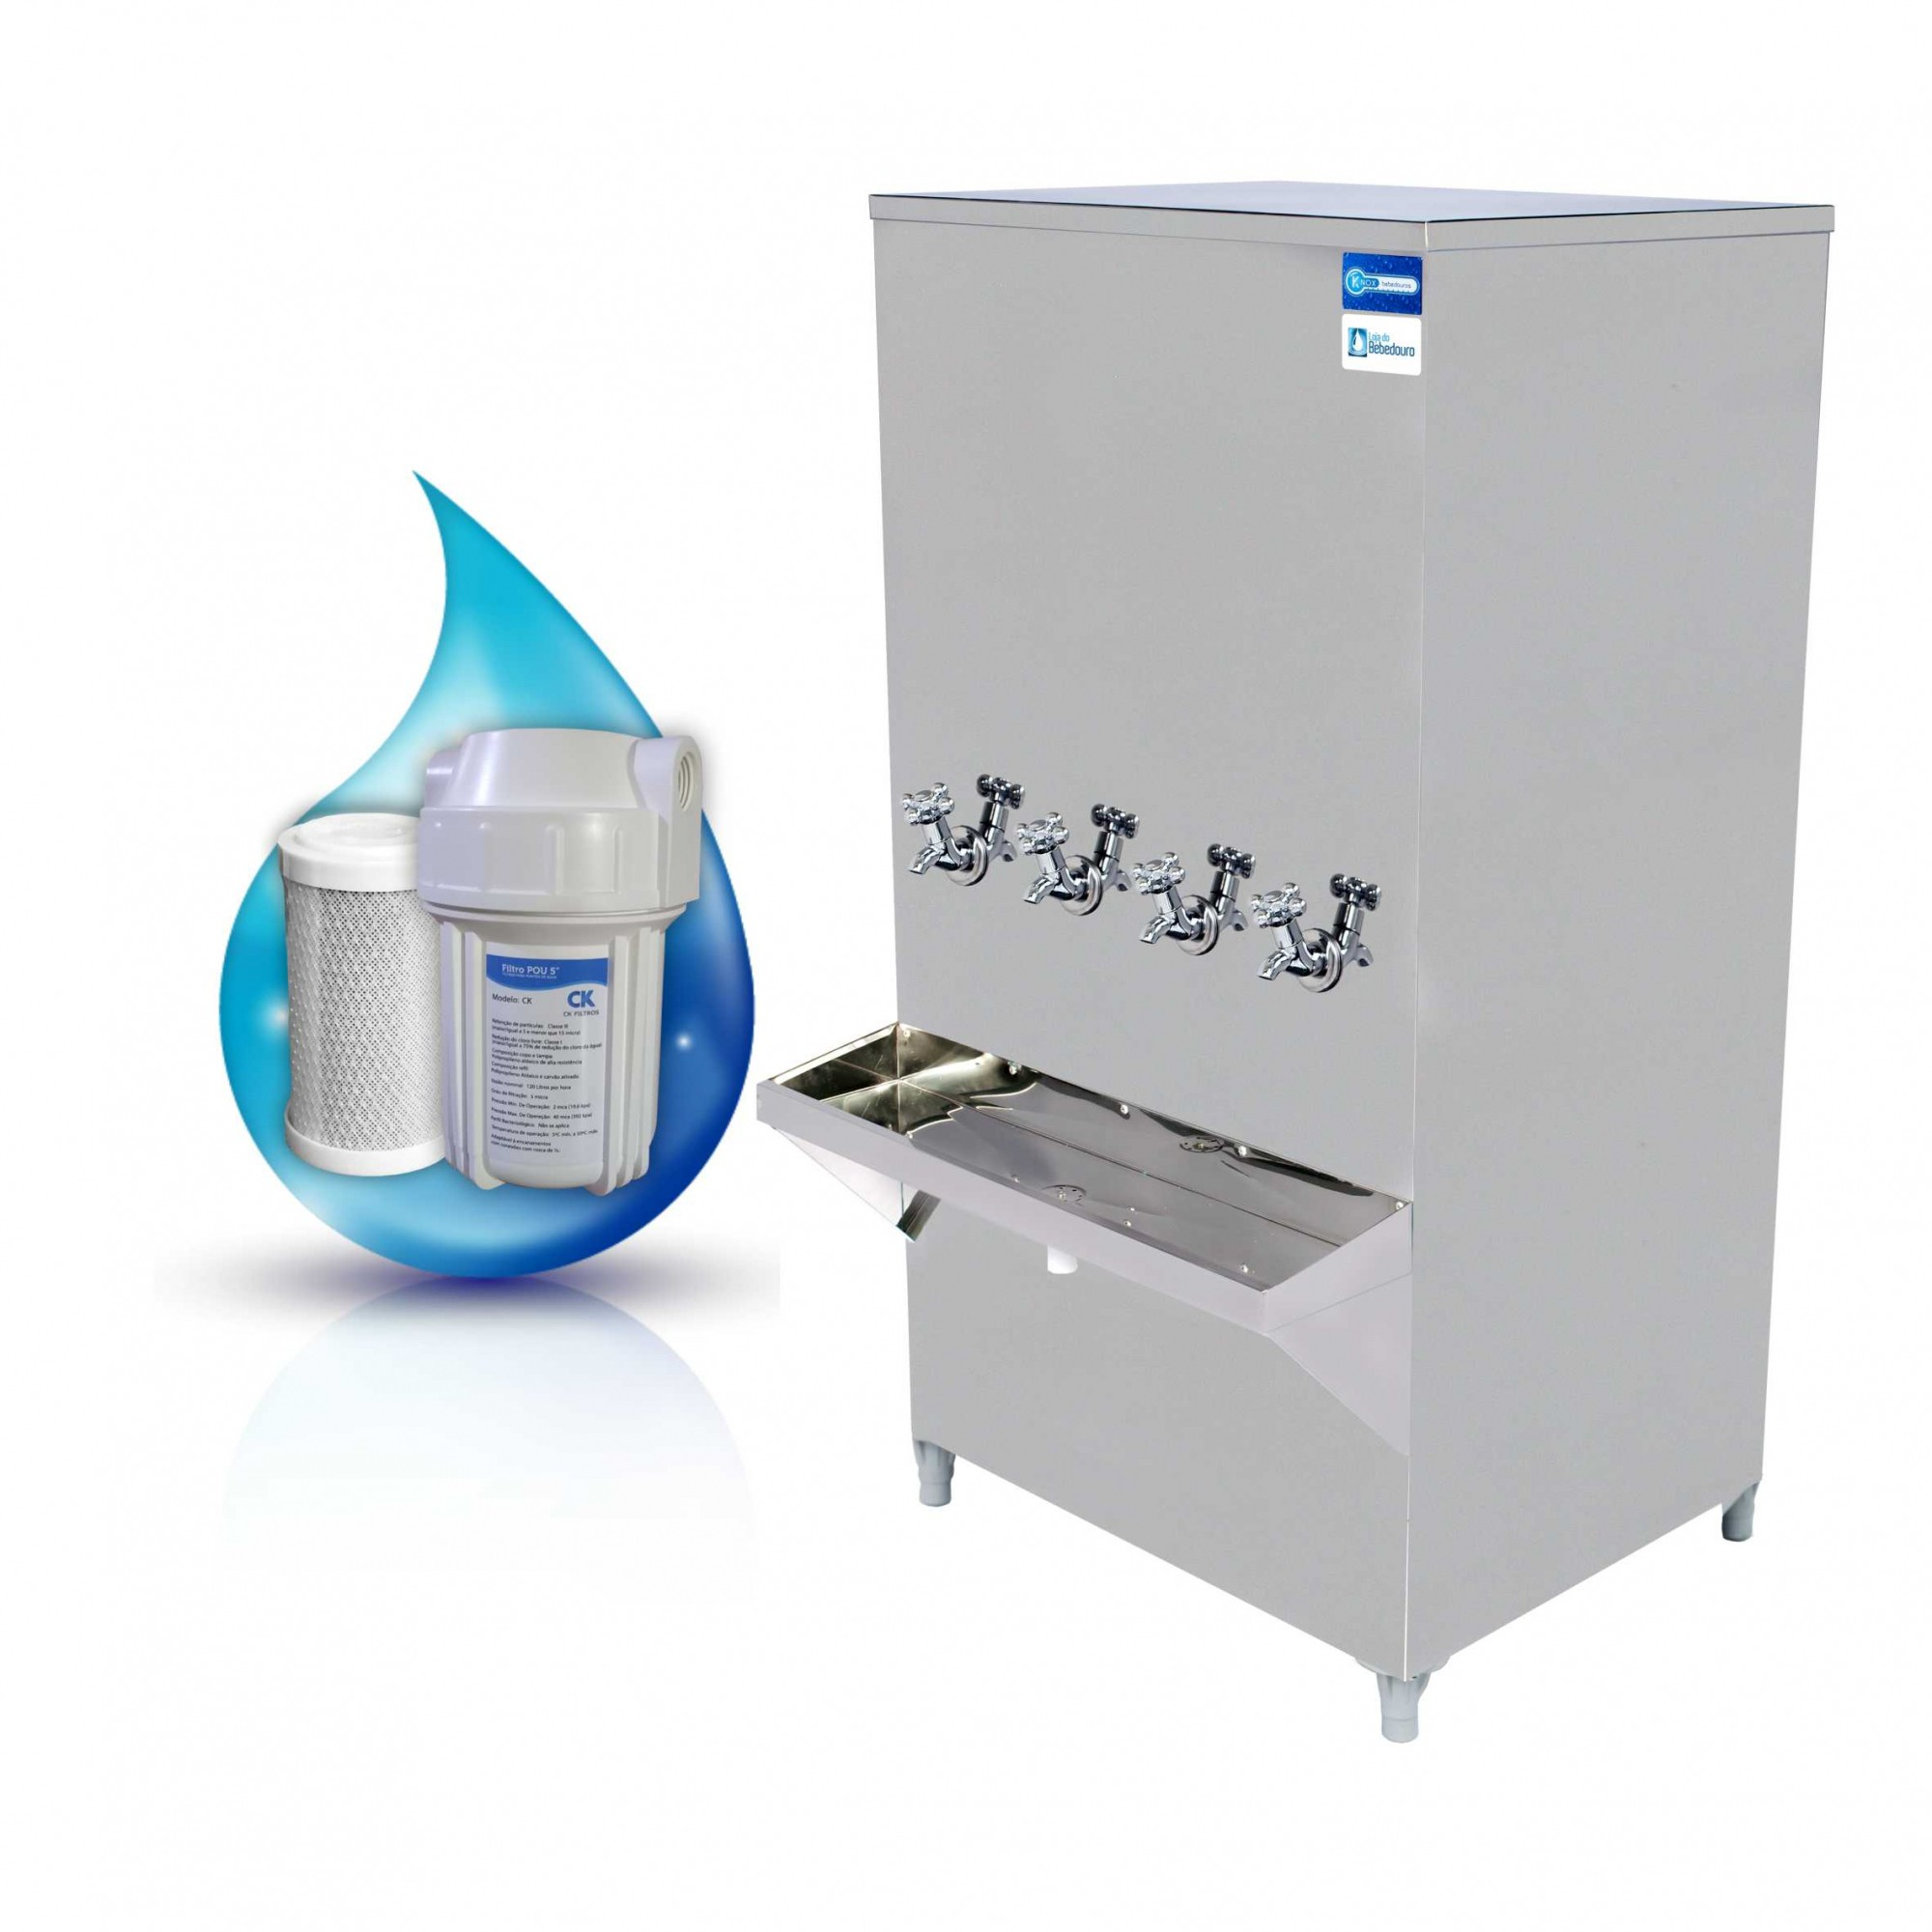 Bebedouro de Água Industrial Coluna 200 Litros Knox Bebedouros + Filtro